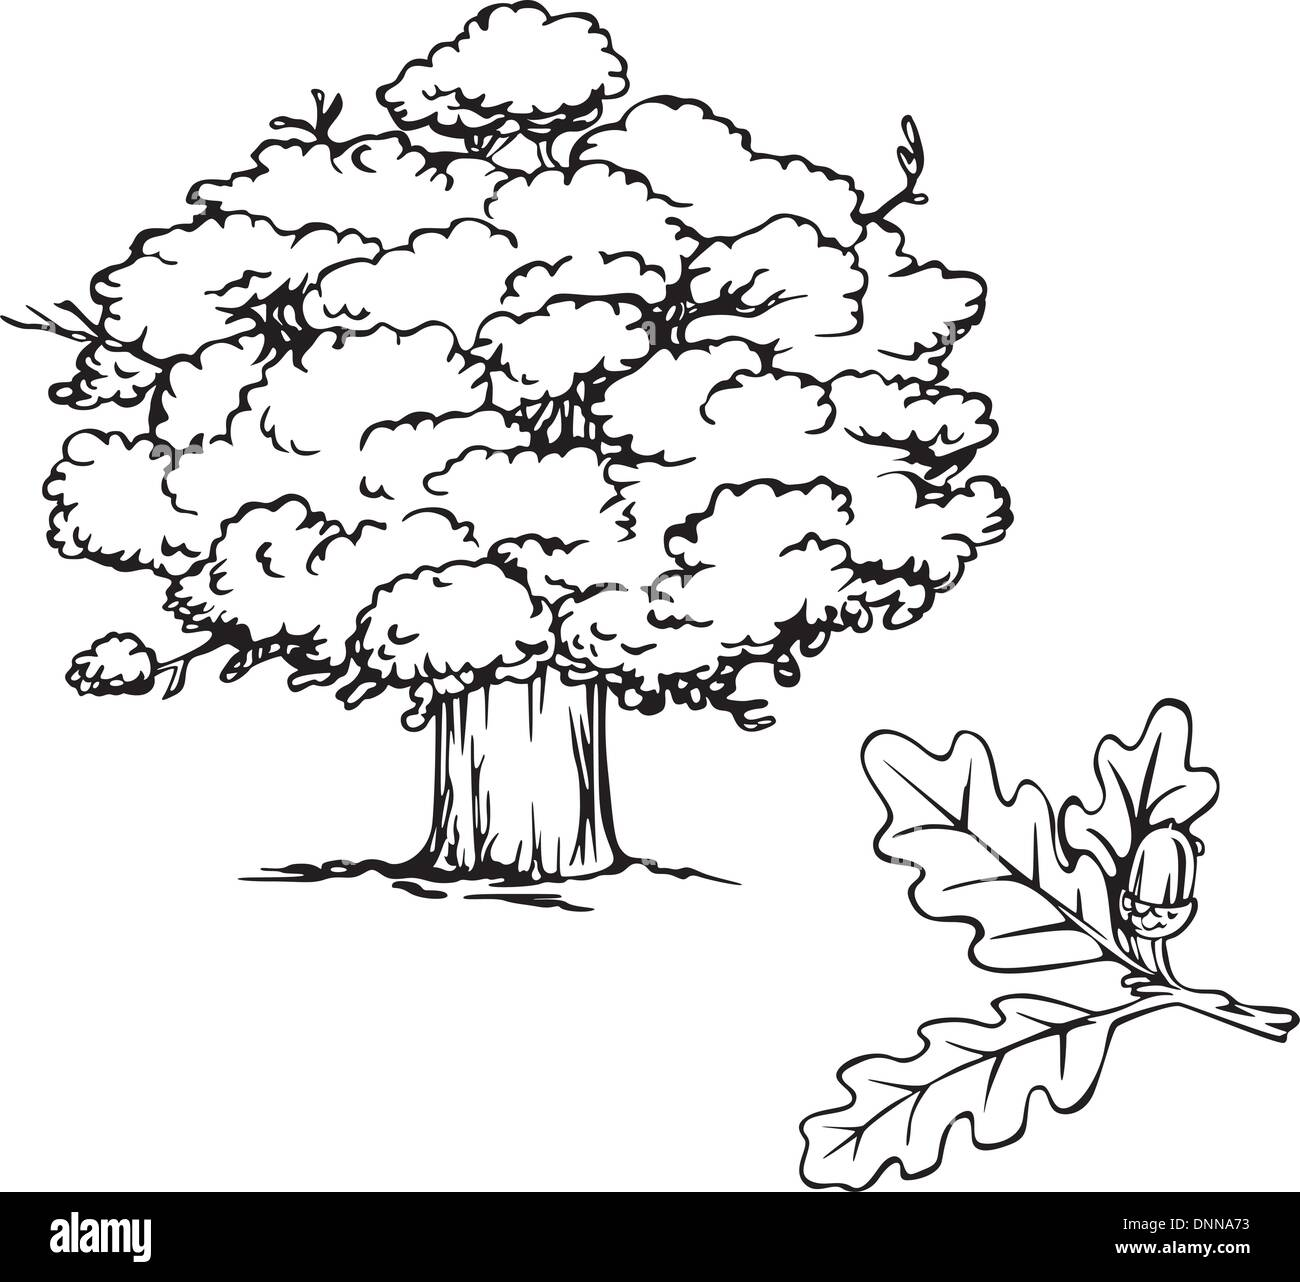 Y la rama de roble con bellotas. En blanco y negro ilustración vectorial. Imagen De Stock